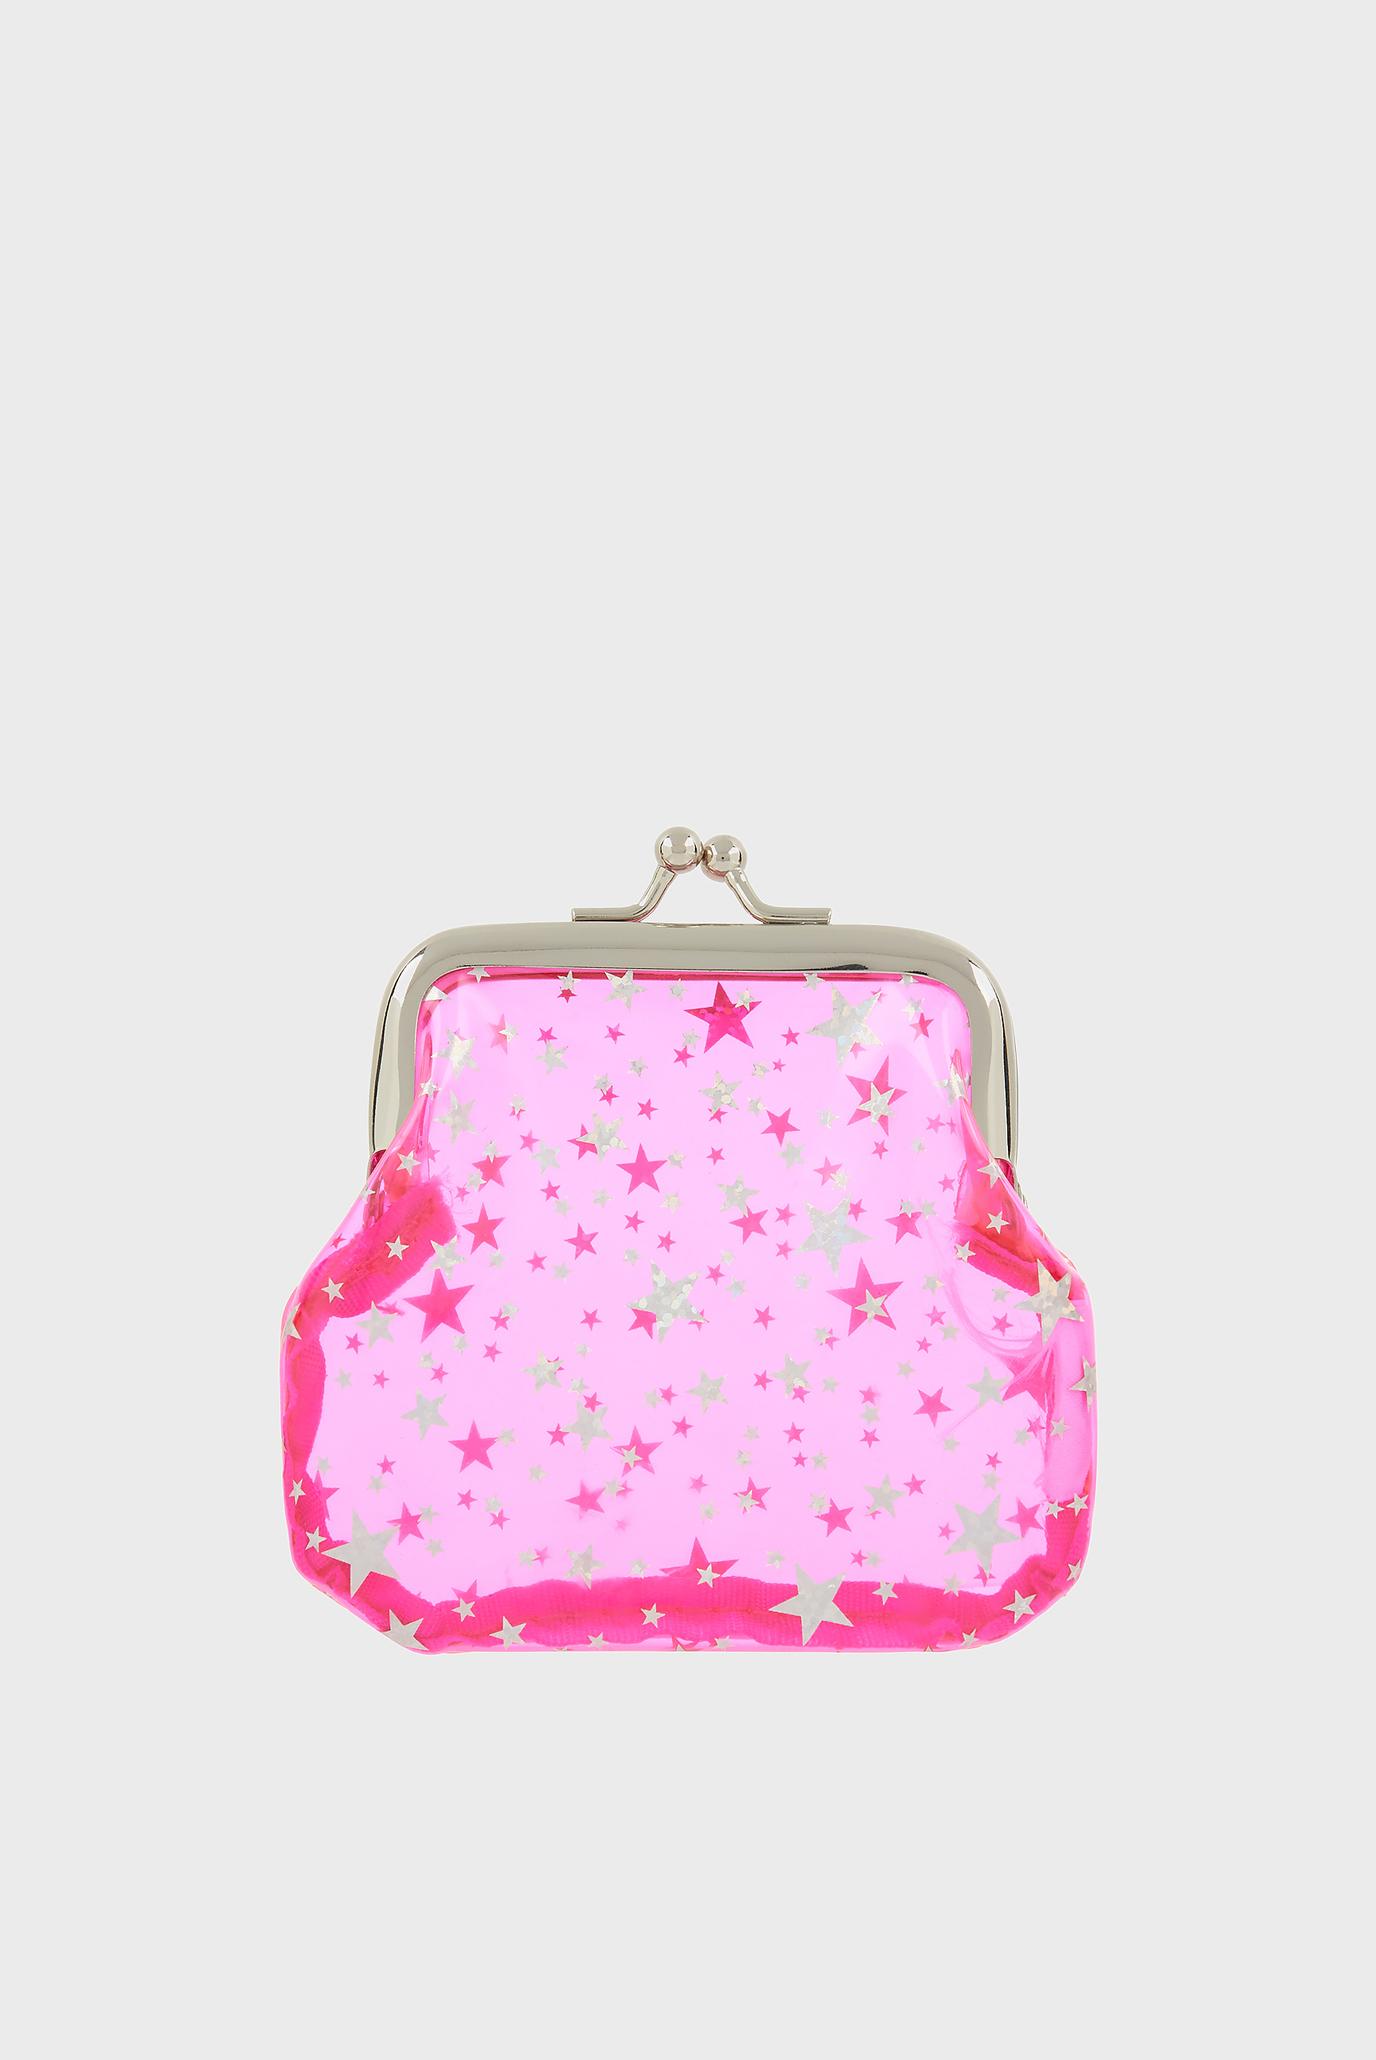 Дитячий рожевий гаманець JELLY STAR COIN PURS 1